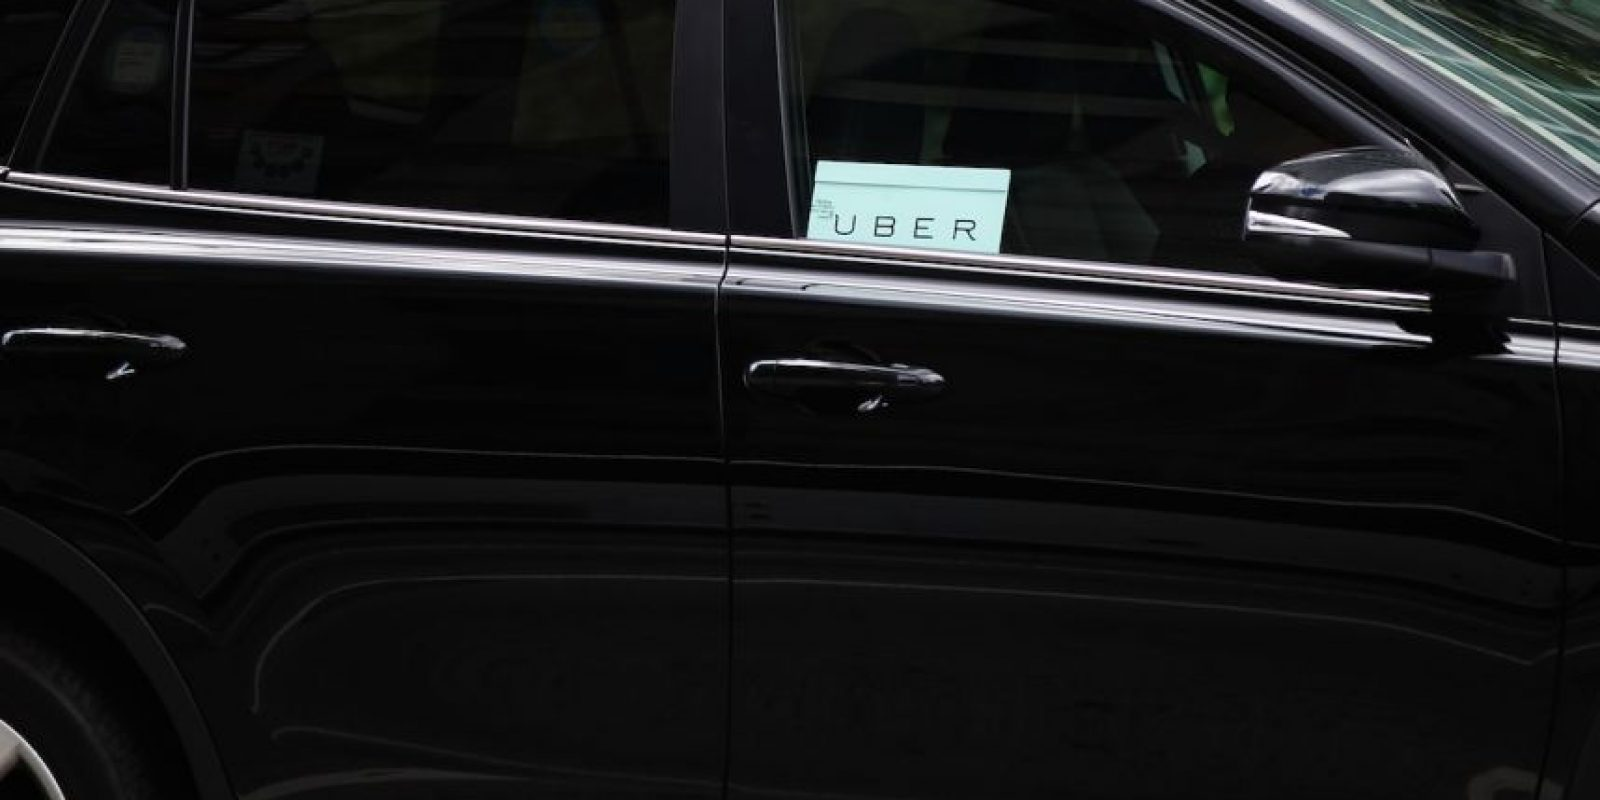 Está prohibido en el reglamento de tránsito y es vital para seguridad de los pasajeros. Solamente lo pueden utilizar para ver los mapas para llegar a su destino y cuando el auto se encuentre totalmente detenido. Foto:Getty Images